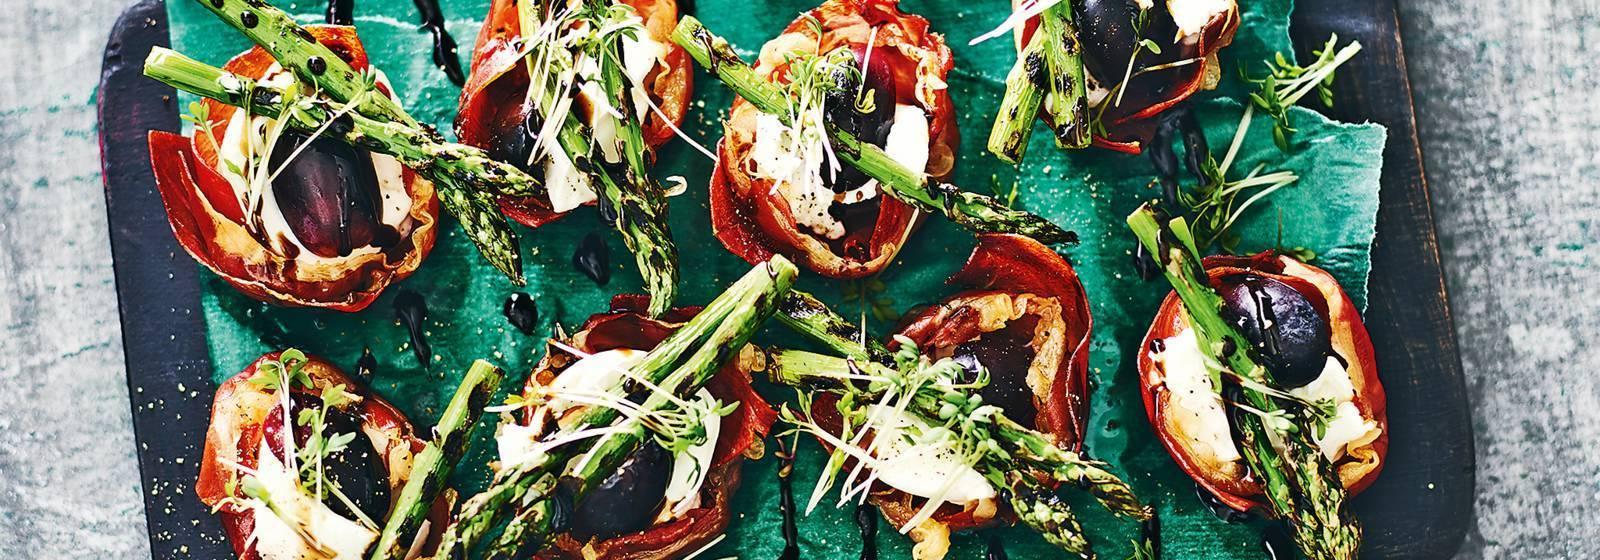 Crunchy prosciutto cakes with asparagus tips and buffalo mozzarella